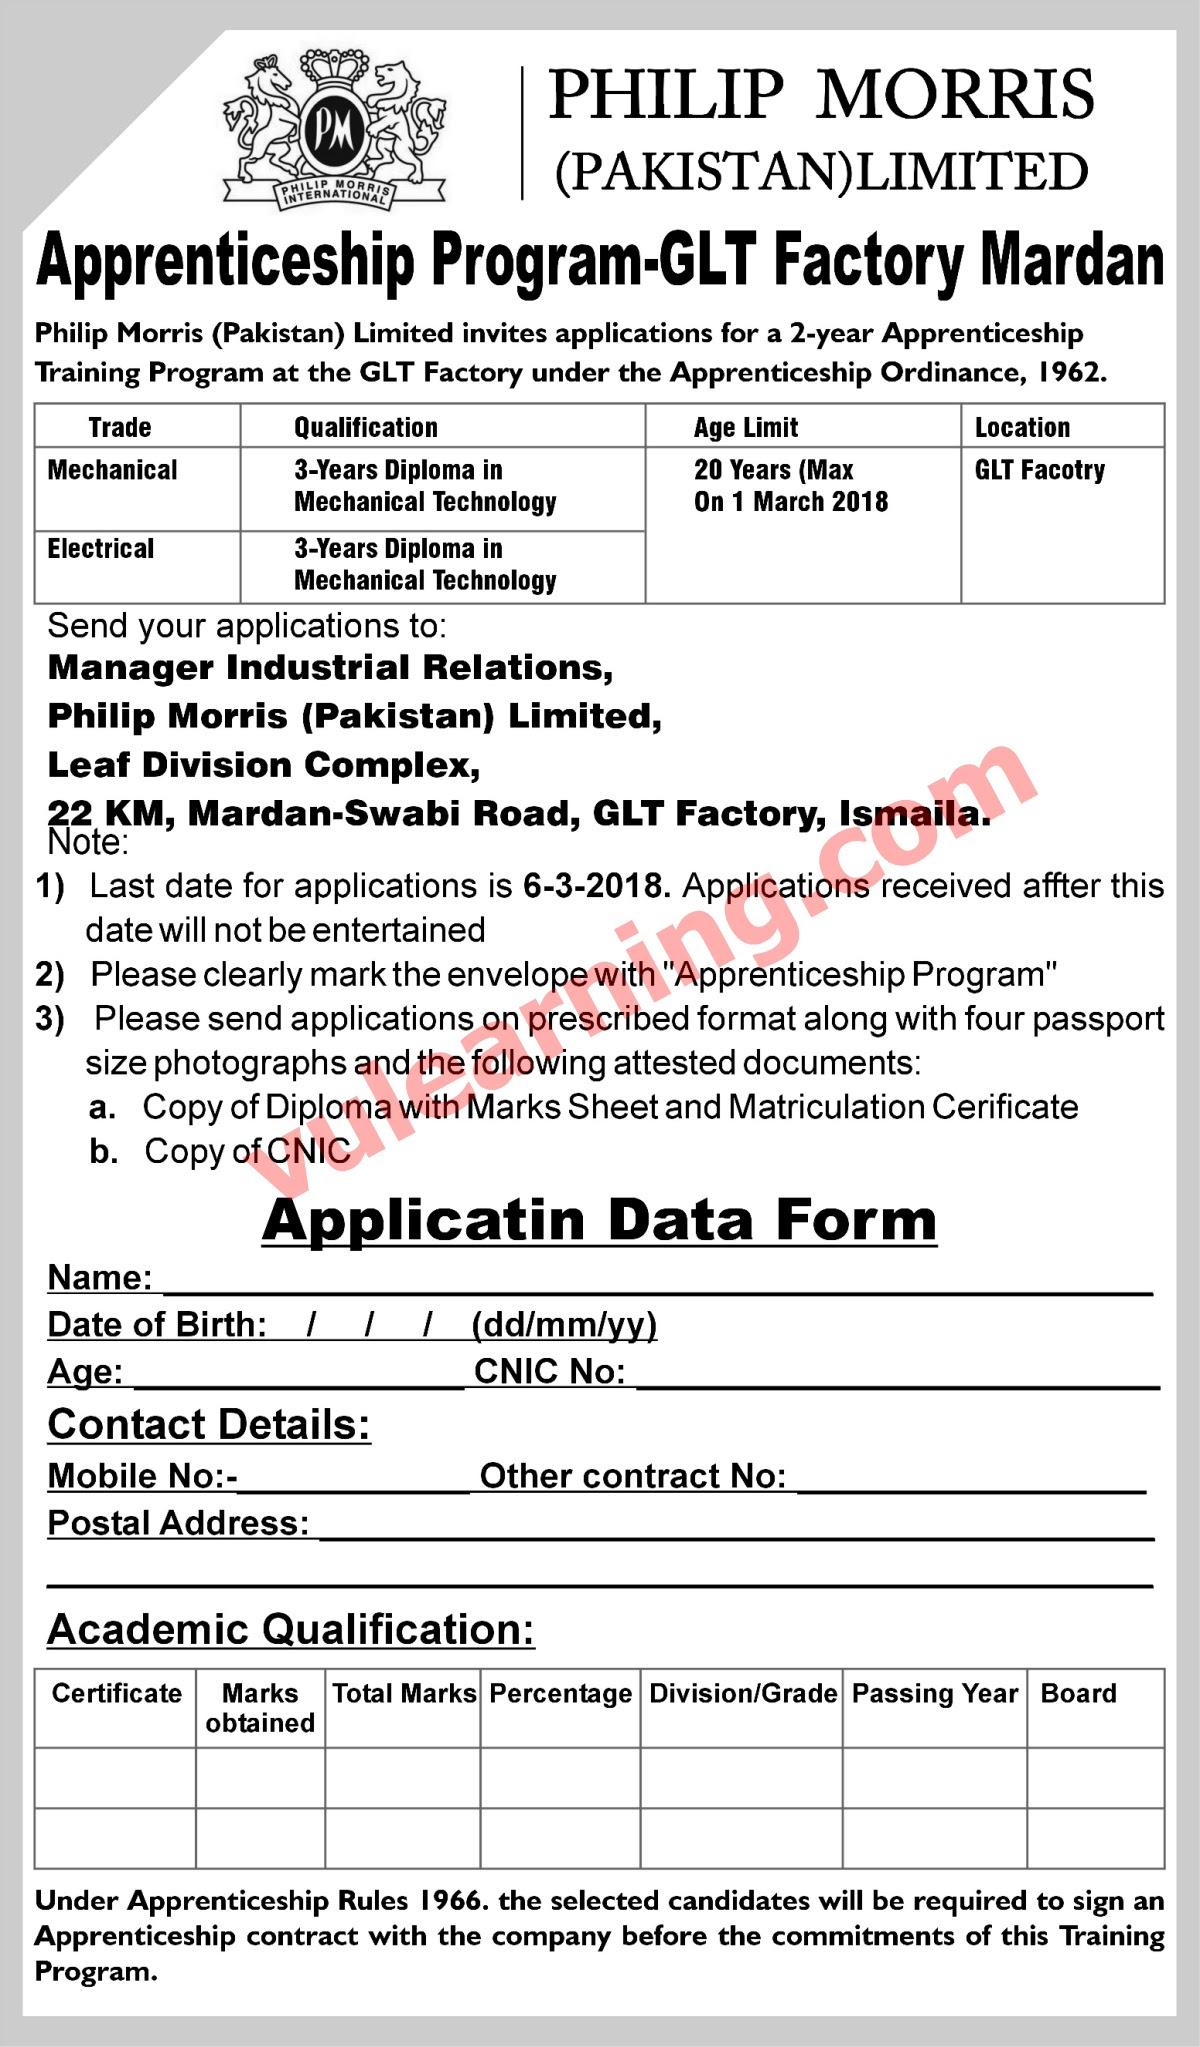 Philip Morris Pakistan Limited Apprenticeship Training